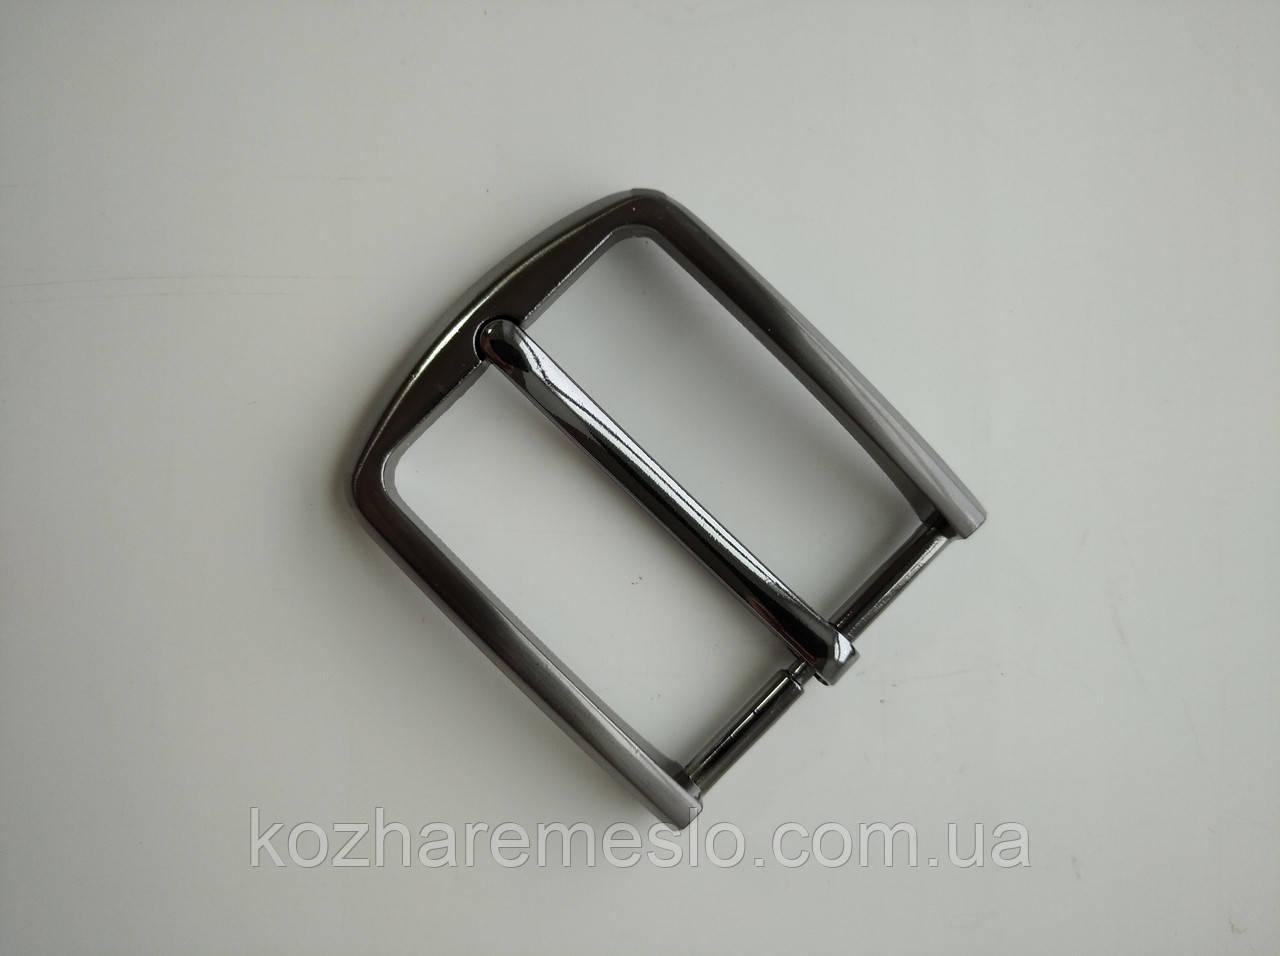 Пряжка для ременя 35 мм темний нікель